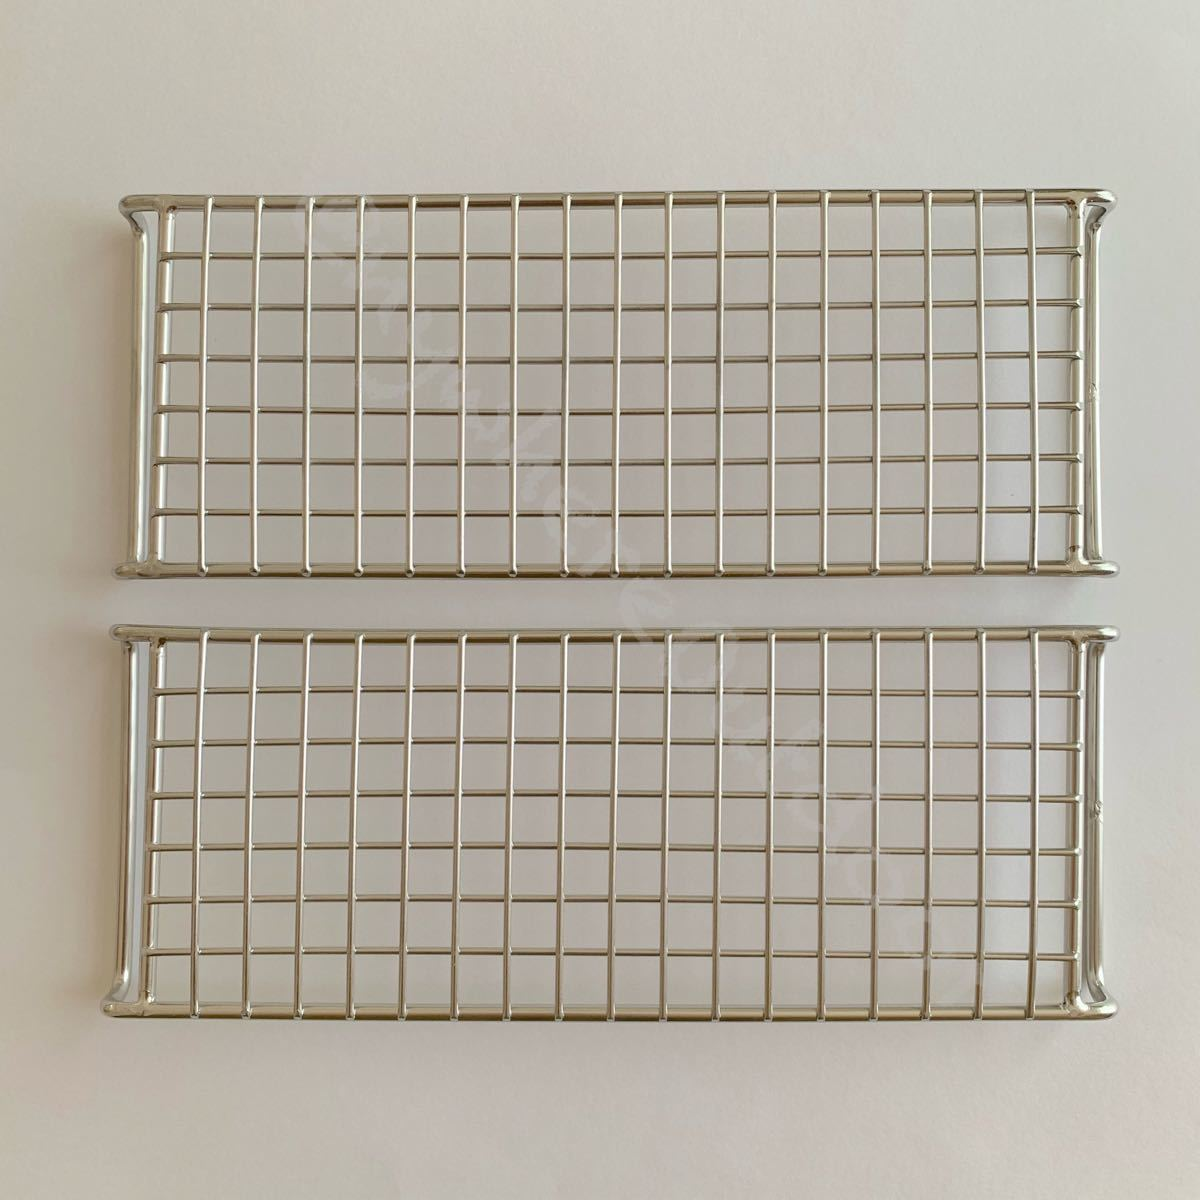 ロストル網目タイプ2枚セットアウトドア用品BBQ五徳焚き火台焼き網ステンレス軽量